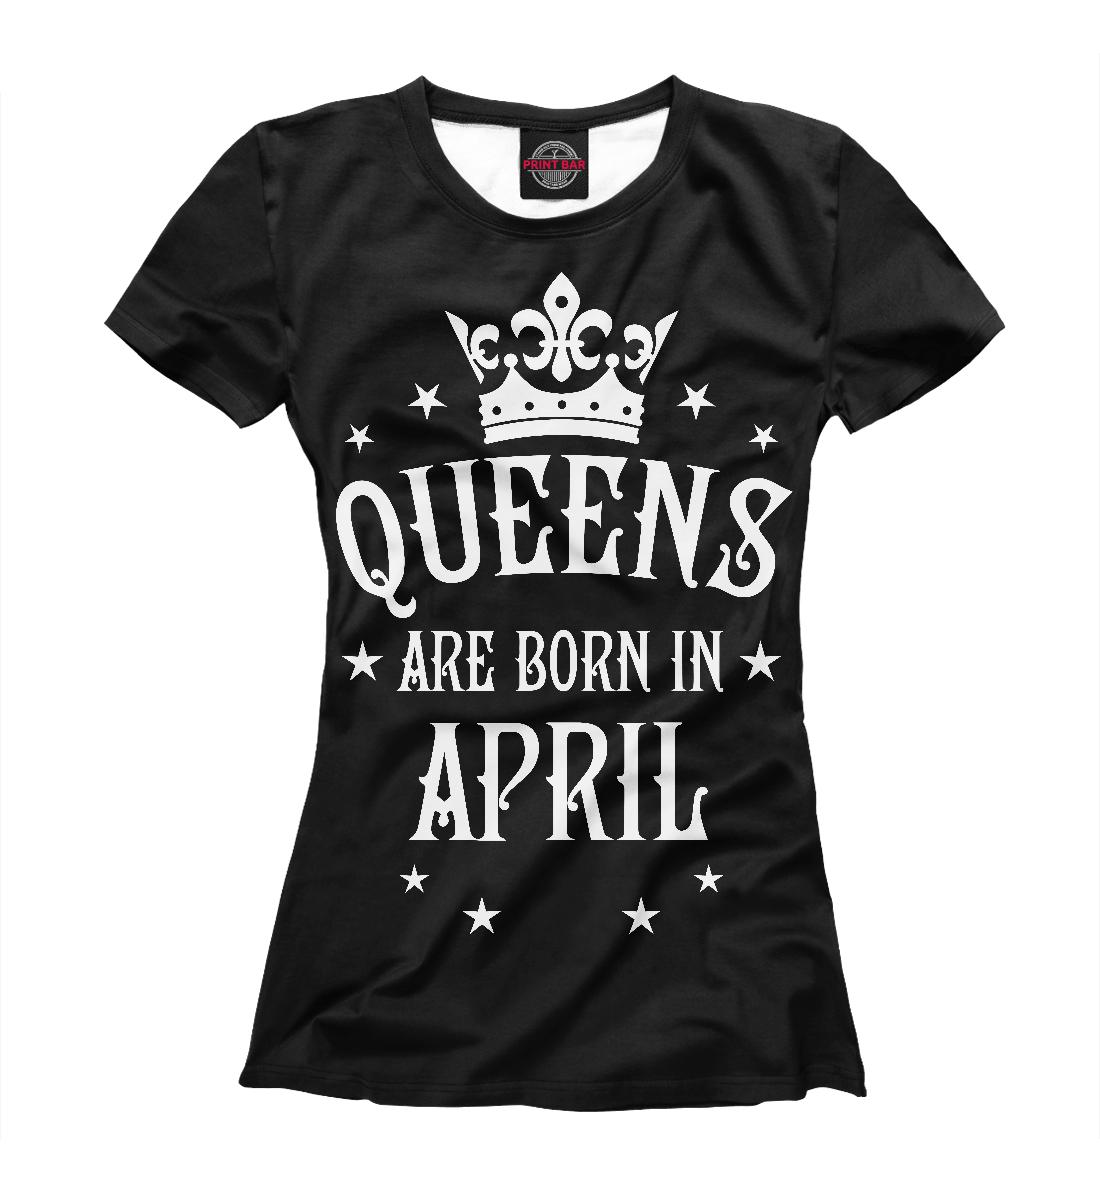 Купить Королевы рождаются в апреле, Printbar, Футболки, DRZ-941323-fut-1